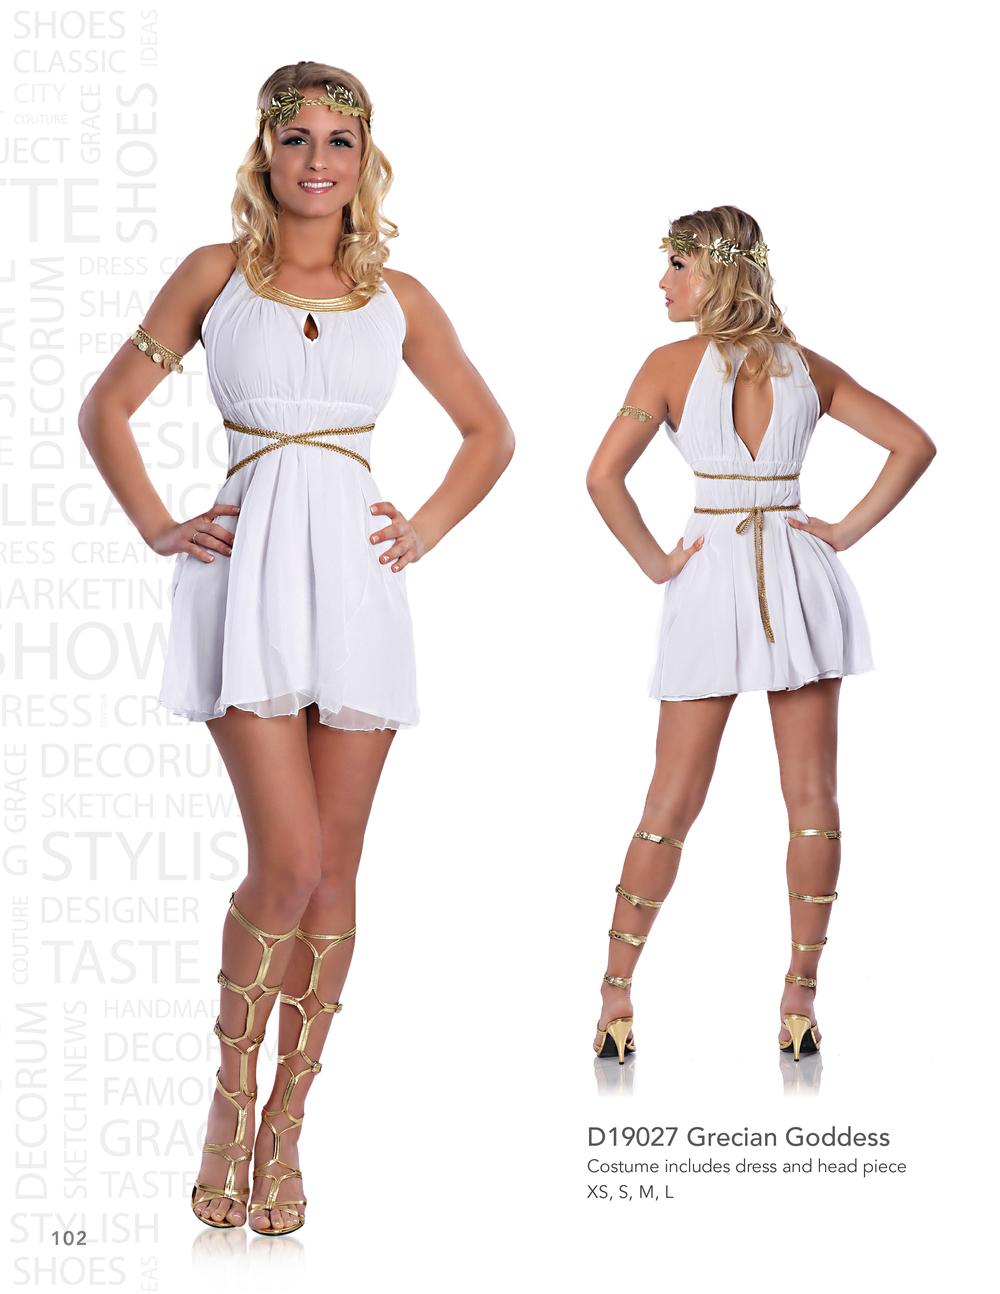 D19027 Grecian Goddess